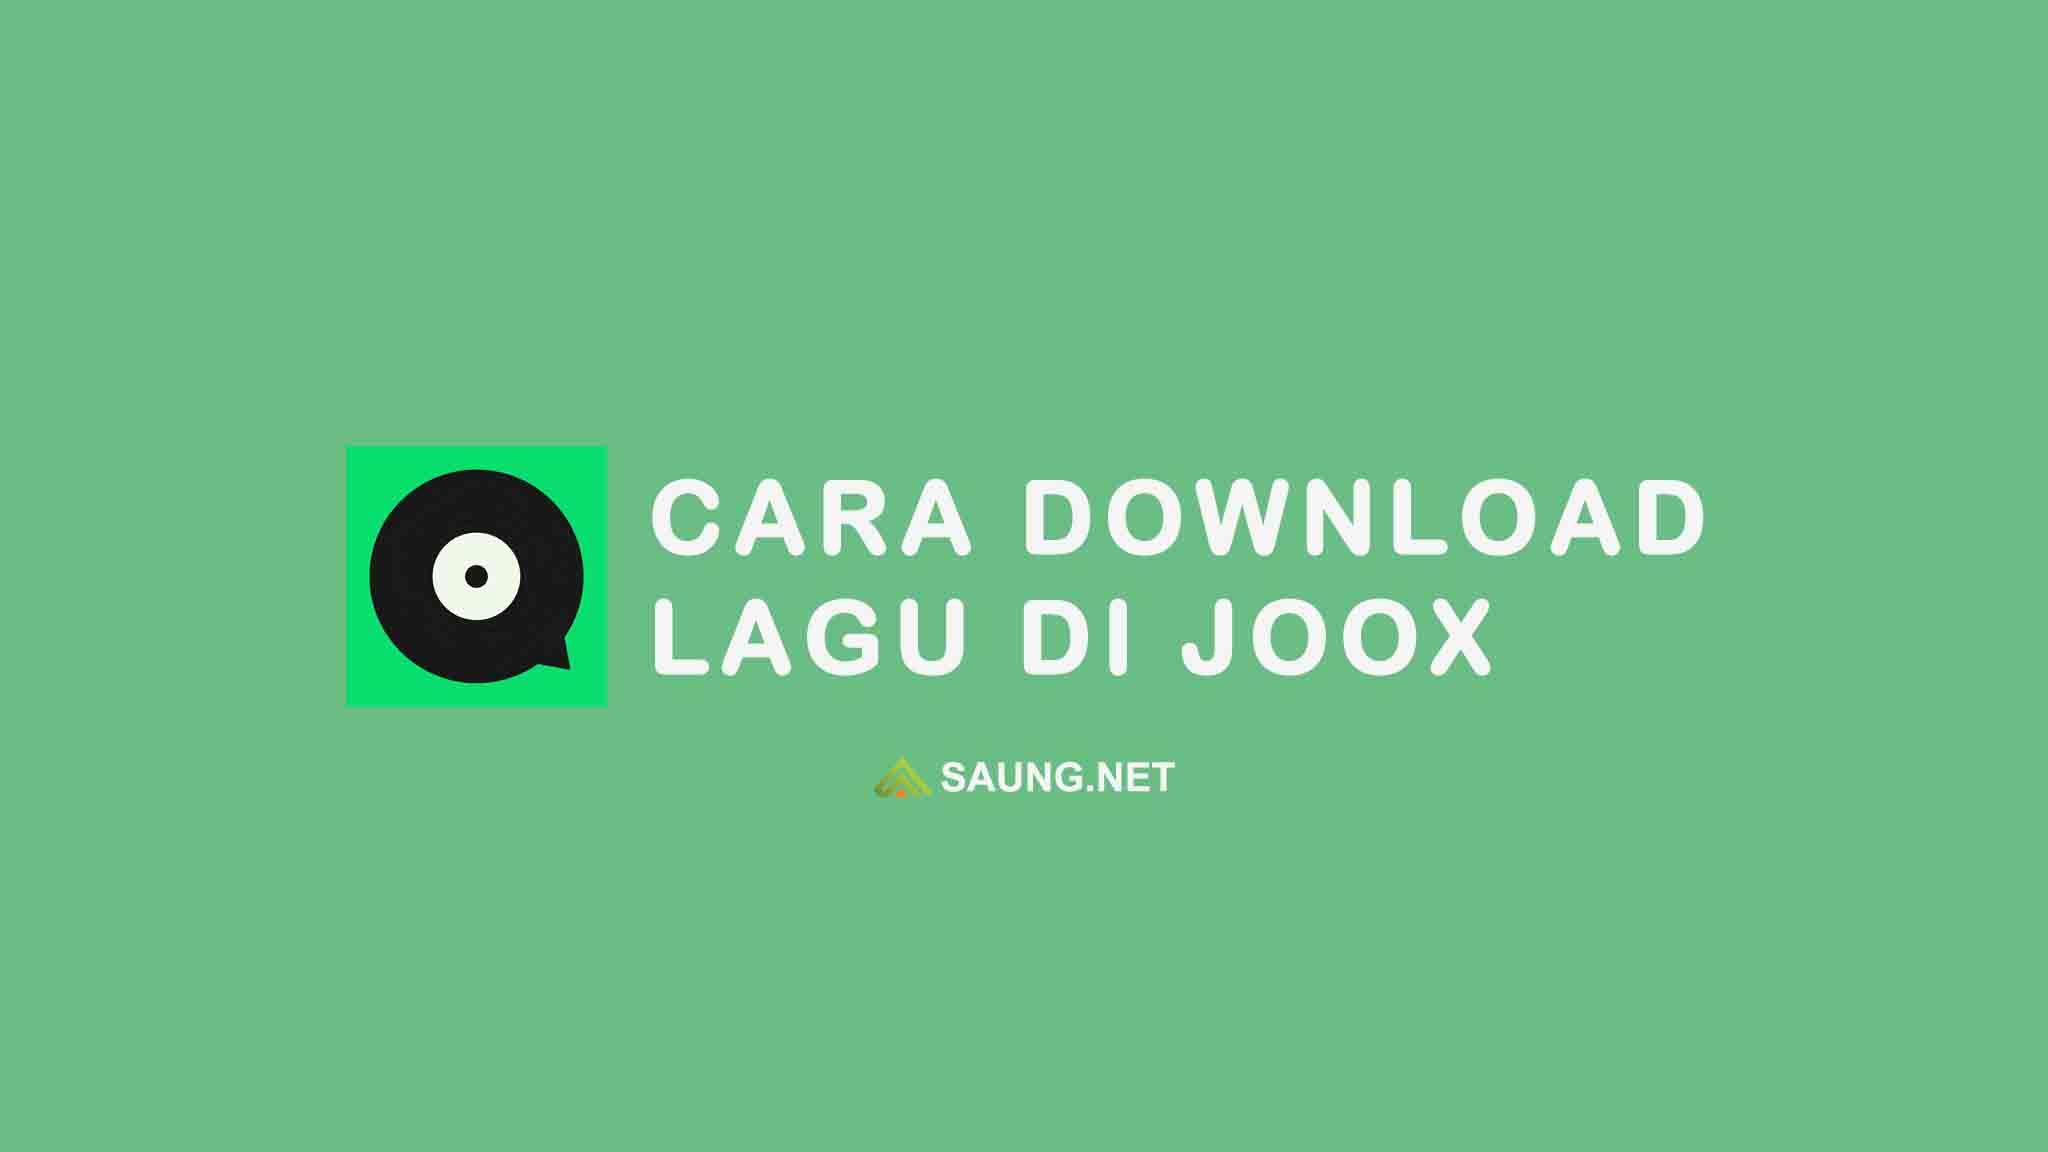 cara download lagu di joox menjadi mp3